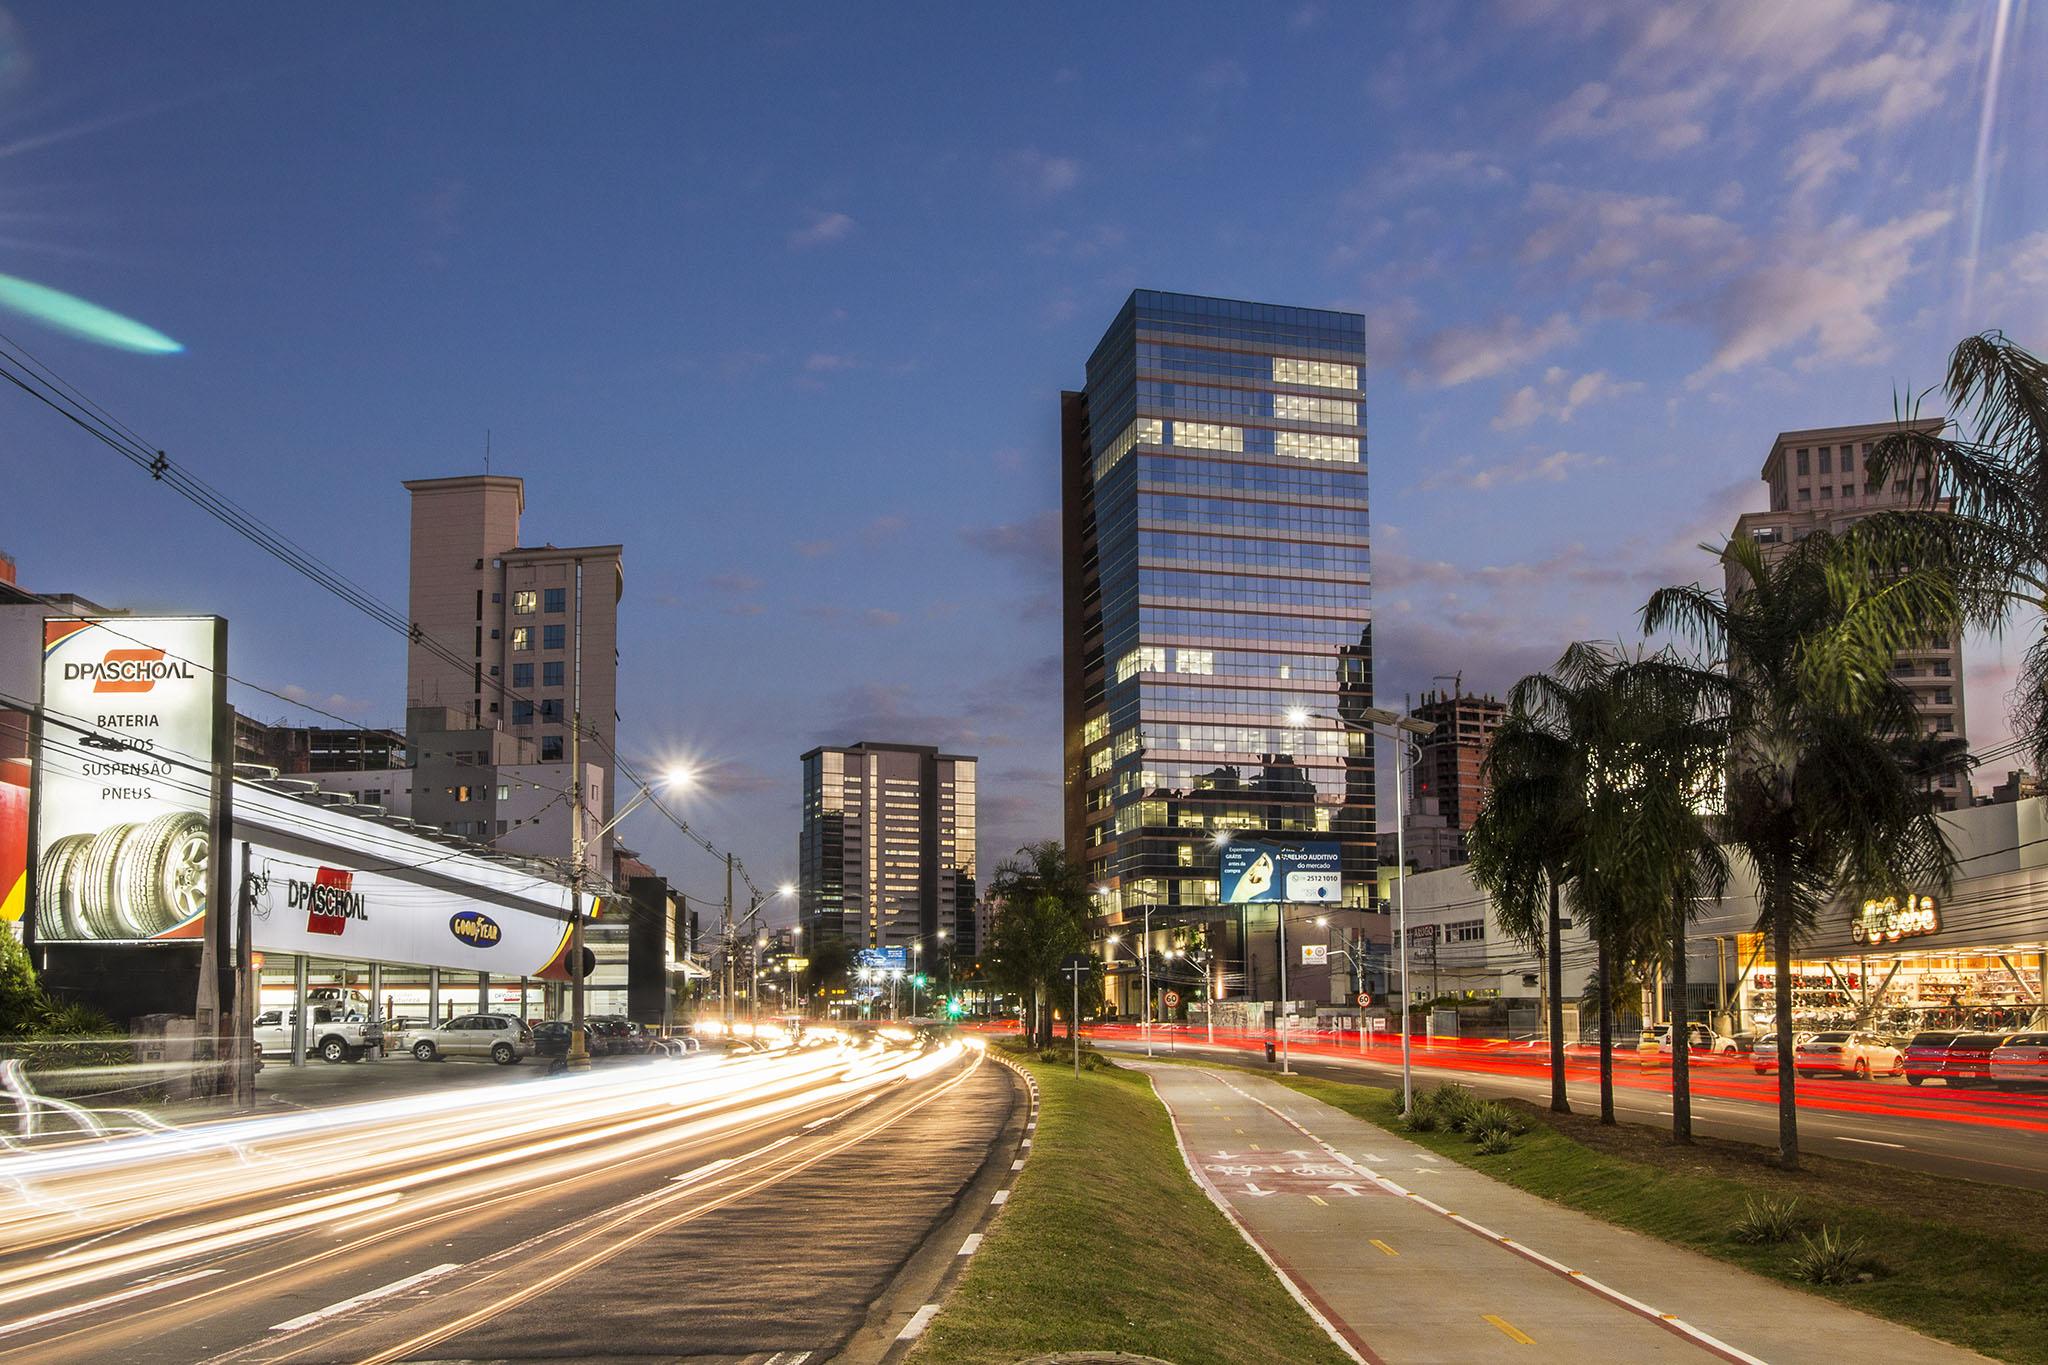 Avenida José de Souza Campos